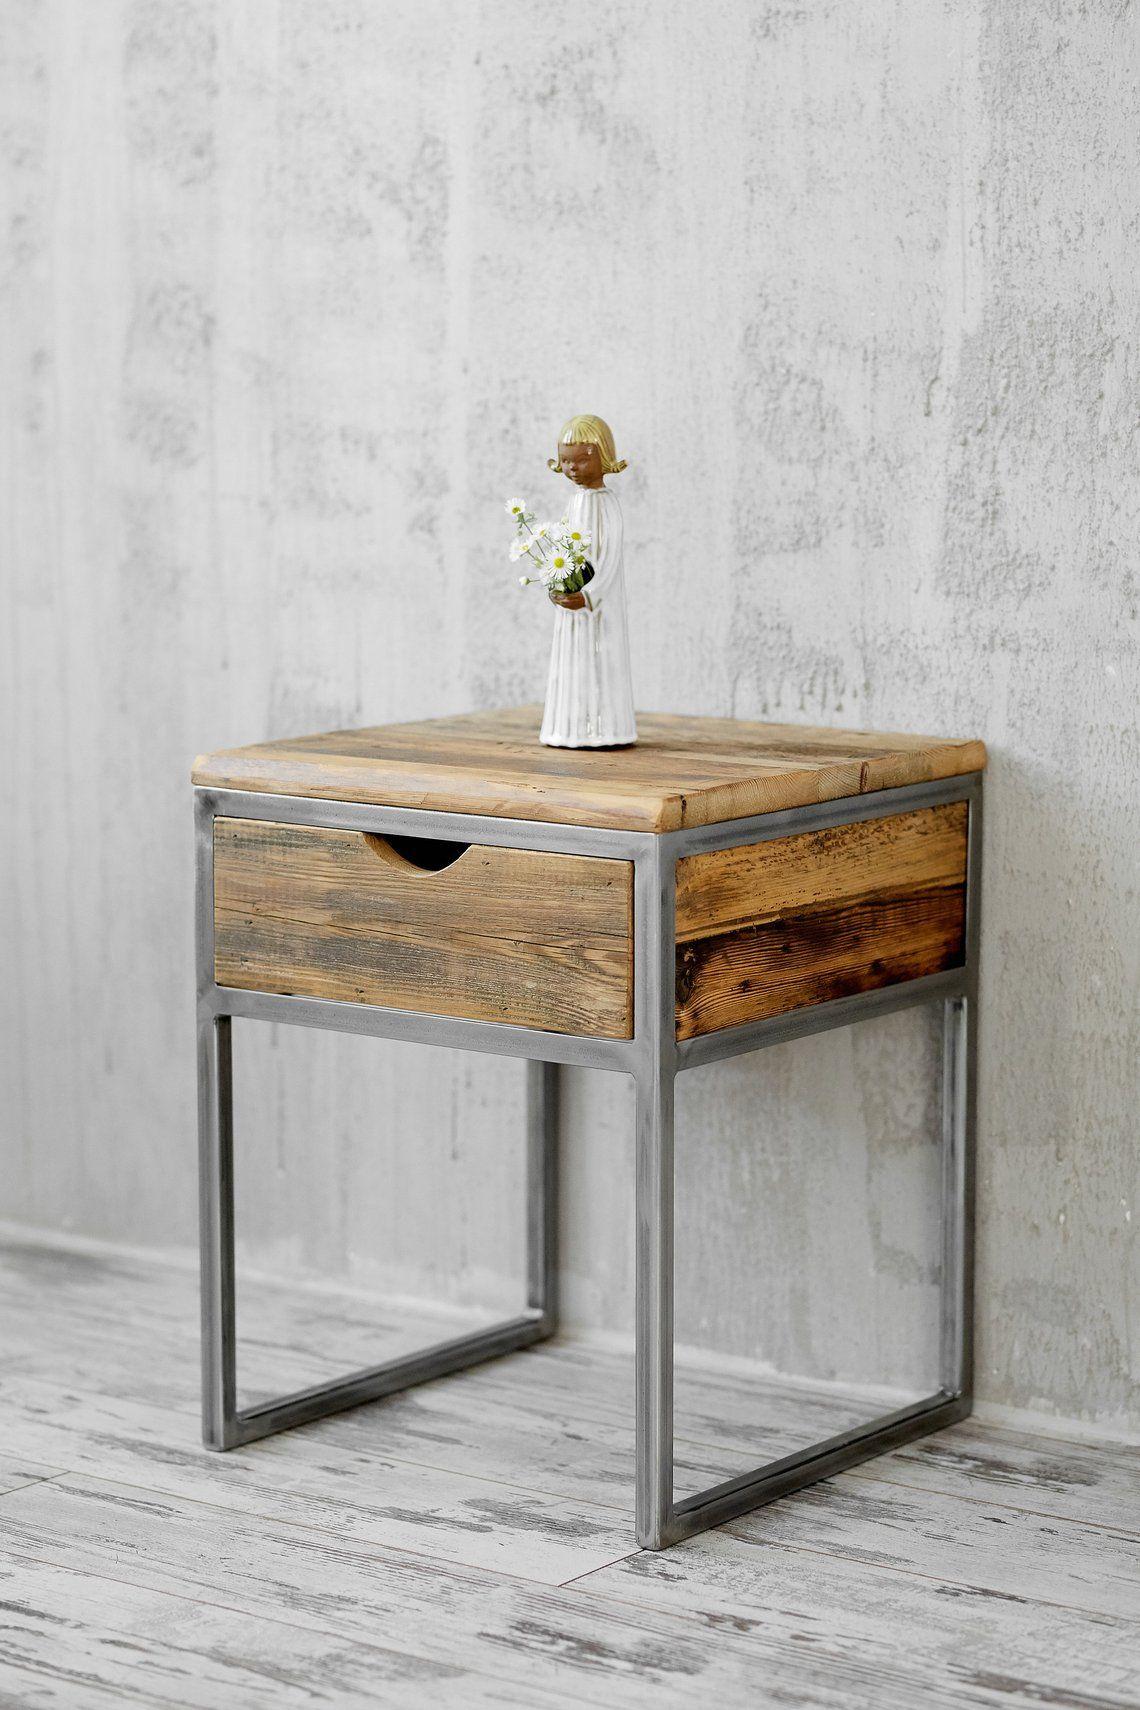 Nachtkastje Staal Met Hout.Industrial Bedside Table Wood And Steel Nightstand Rustic